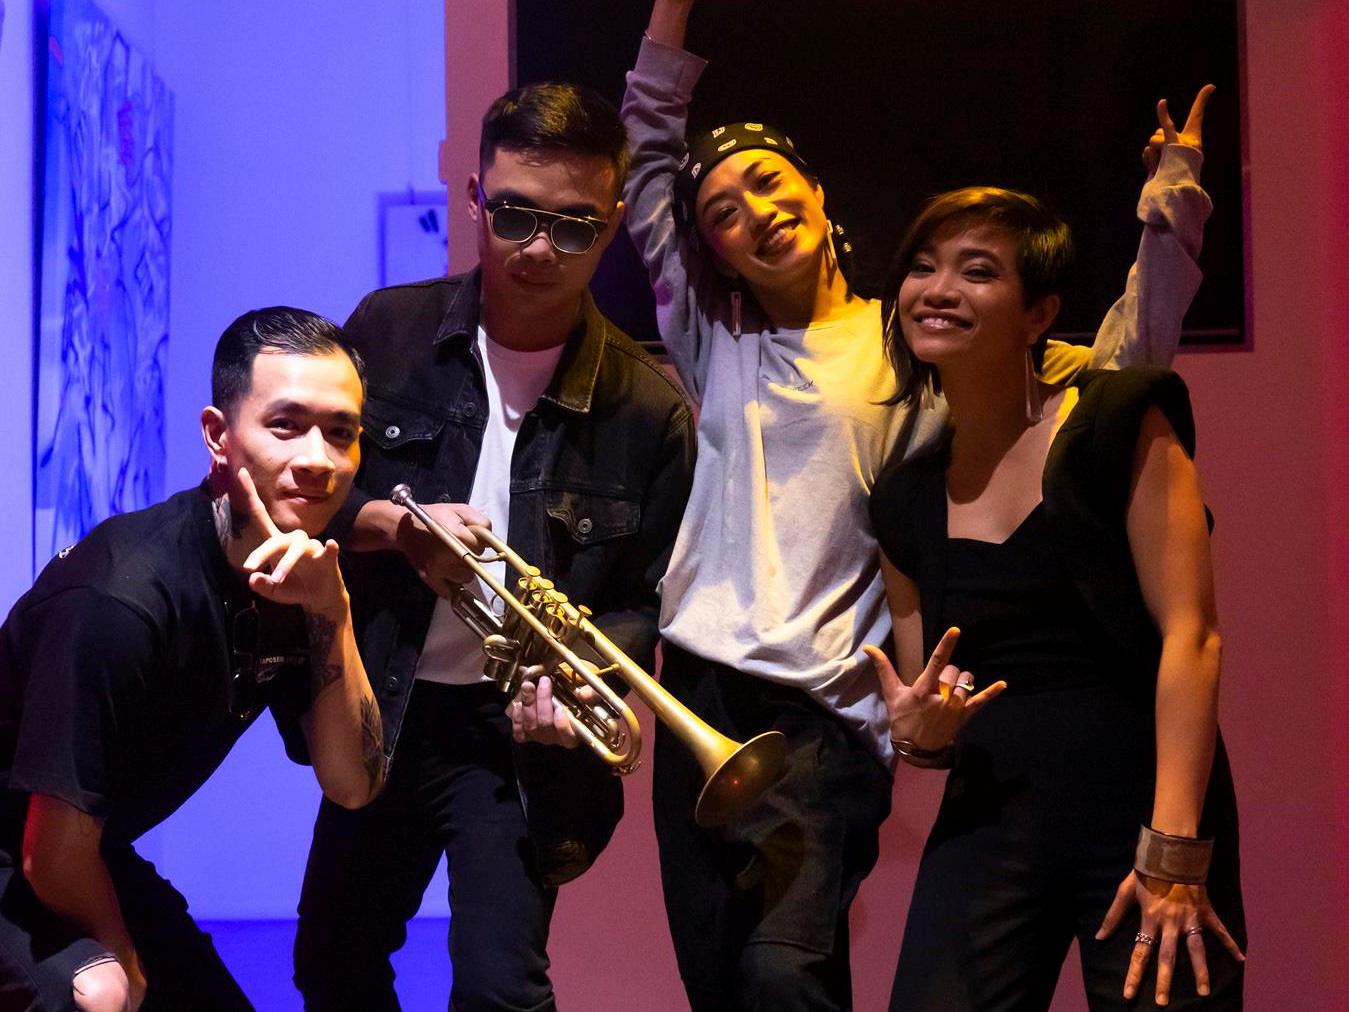 Cyril Kongo và các nghệ sĩ Việt Nam cùng phối hợp trong dự án mang tên Âm - Thanh Sắc - Màu - Ảnh 7.